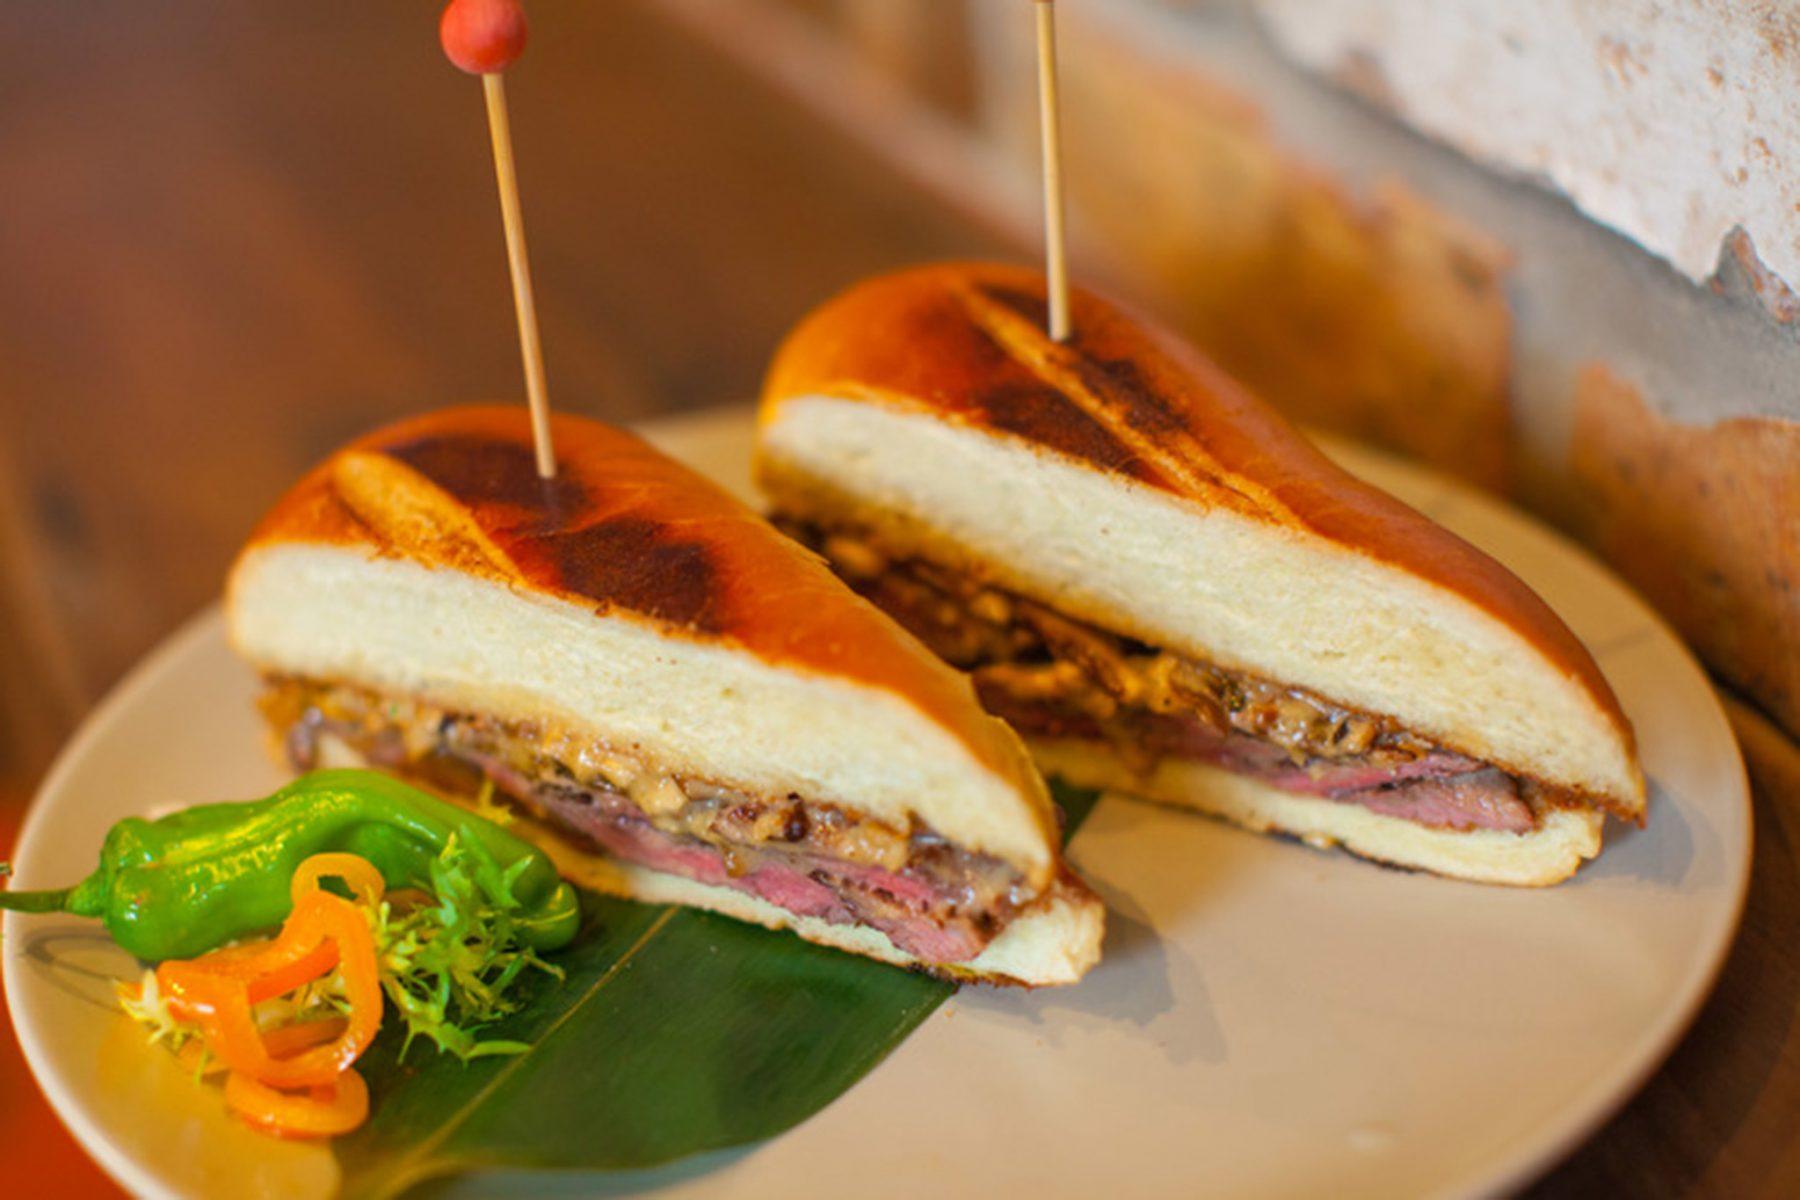 little havana spécialités culinaires cubaines cuban sandwich que faire a little havana visiter little havana quartier cubain miami blog miami off road